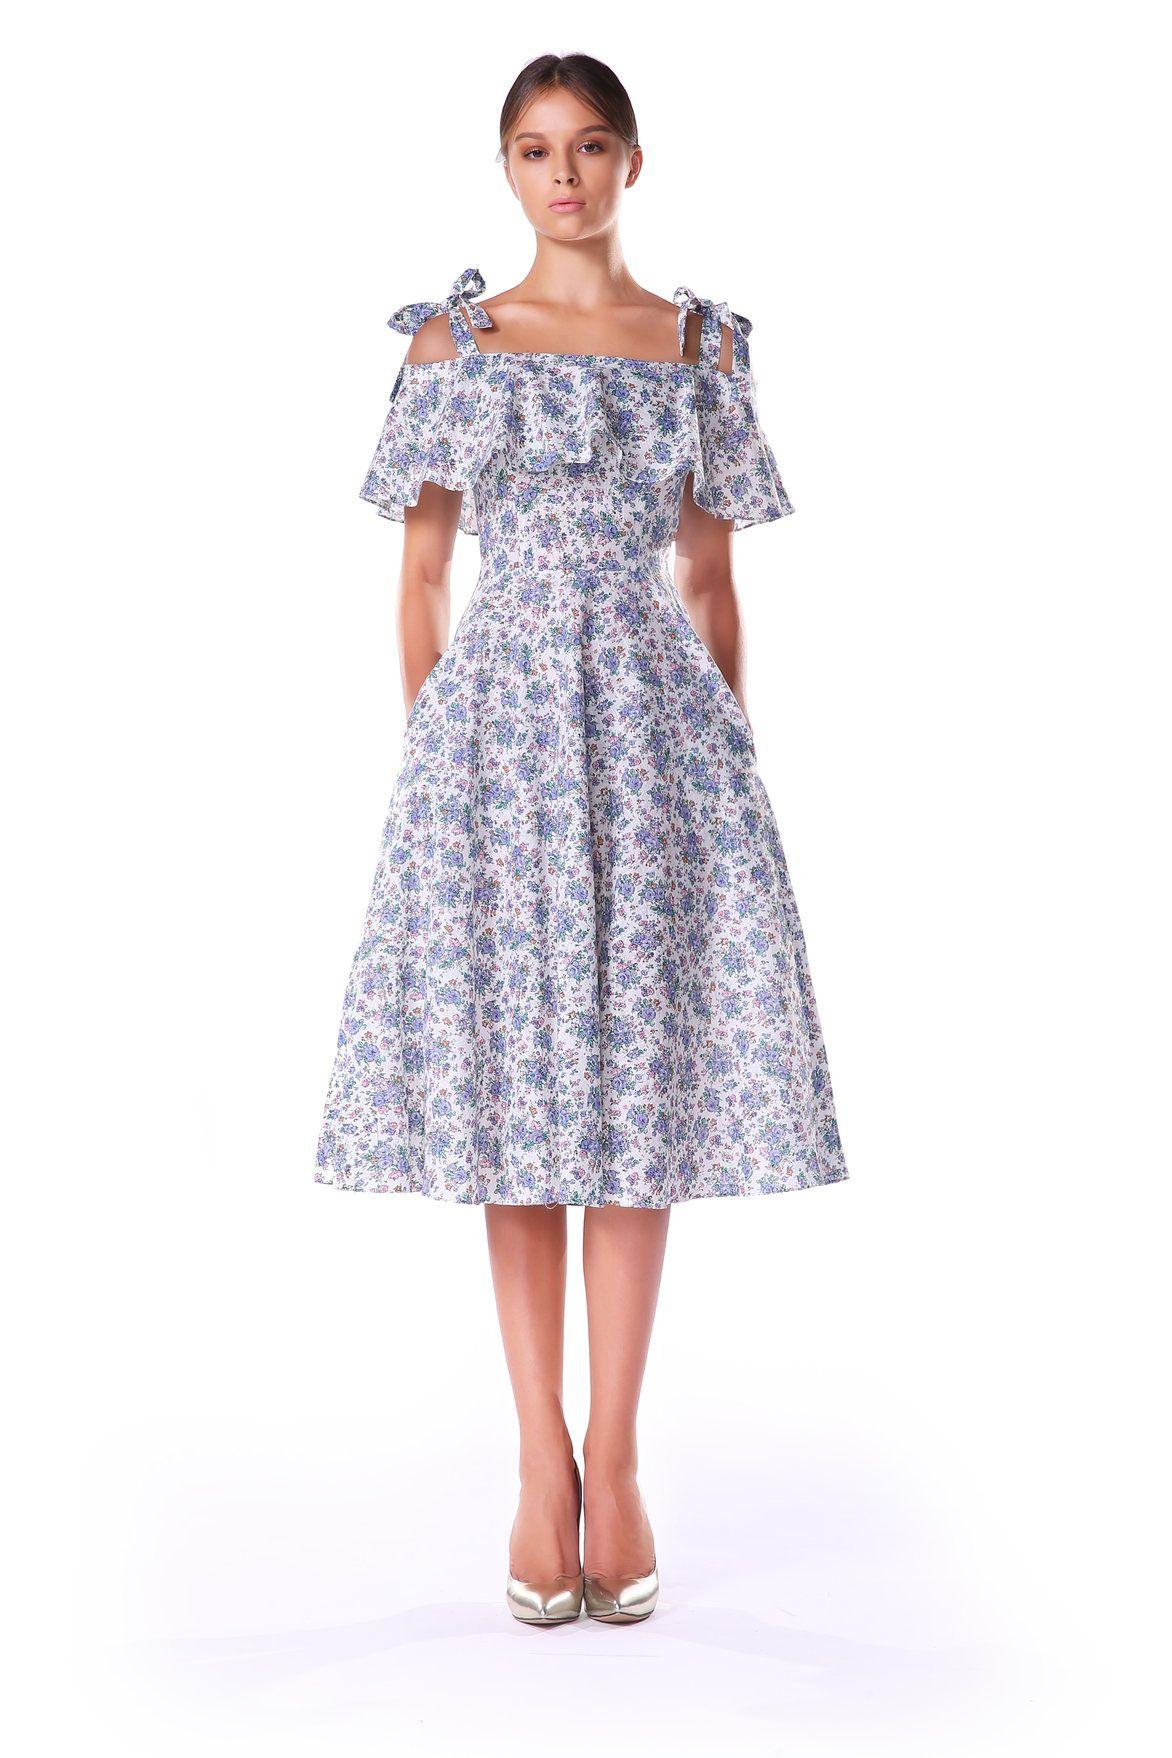 7d9cd0f777c Легкое летнее платье из хлопка